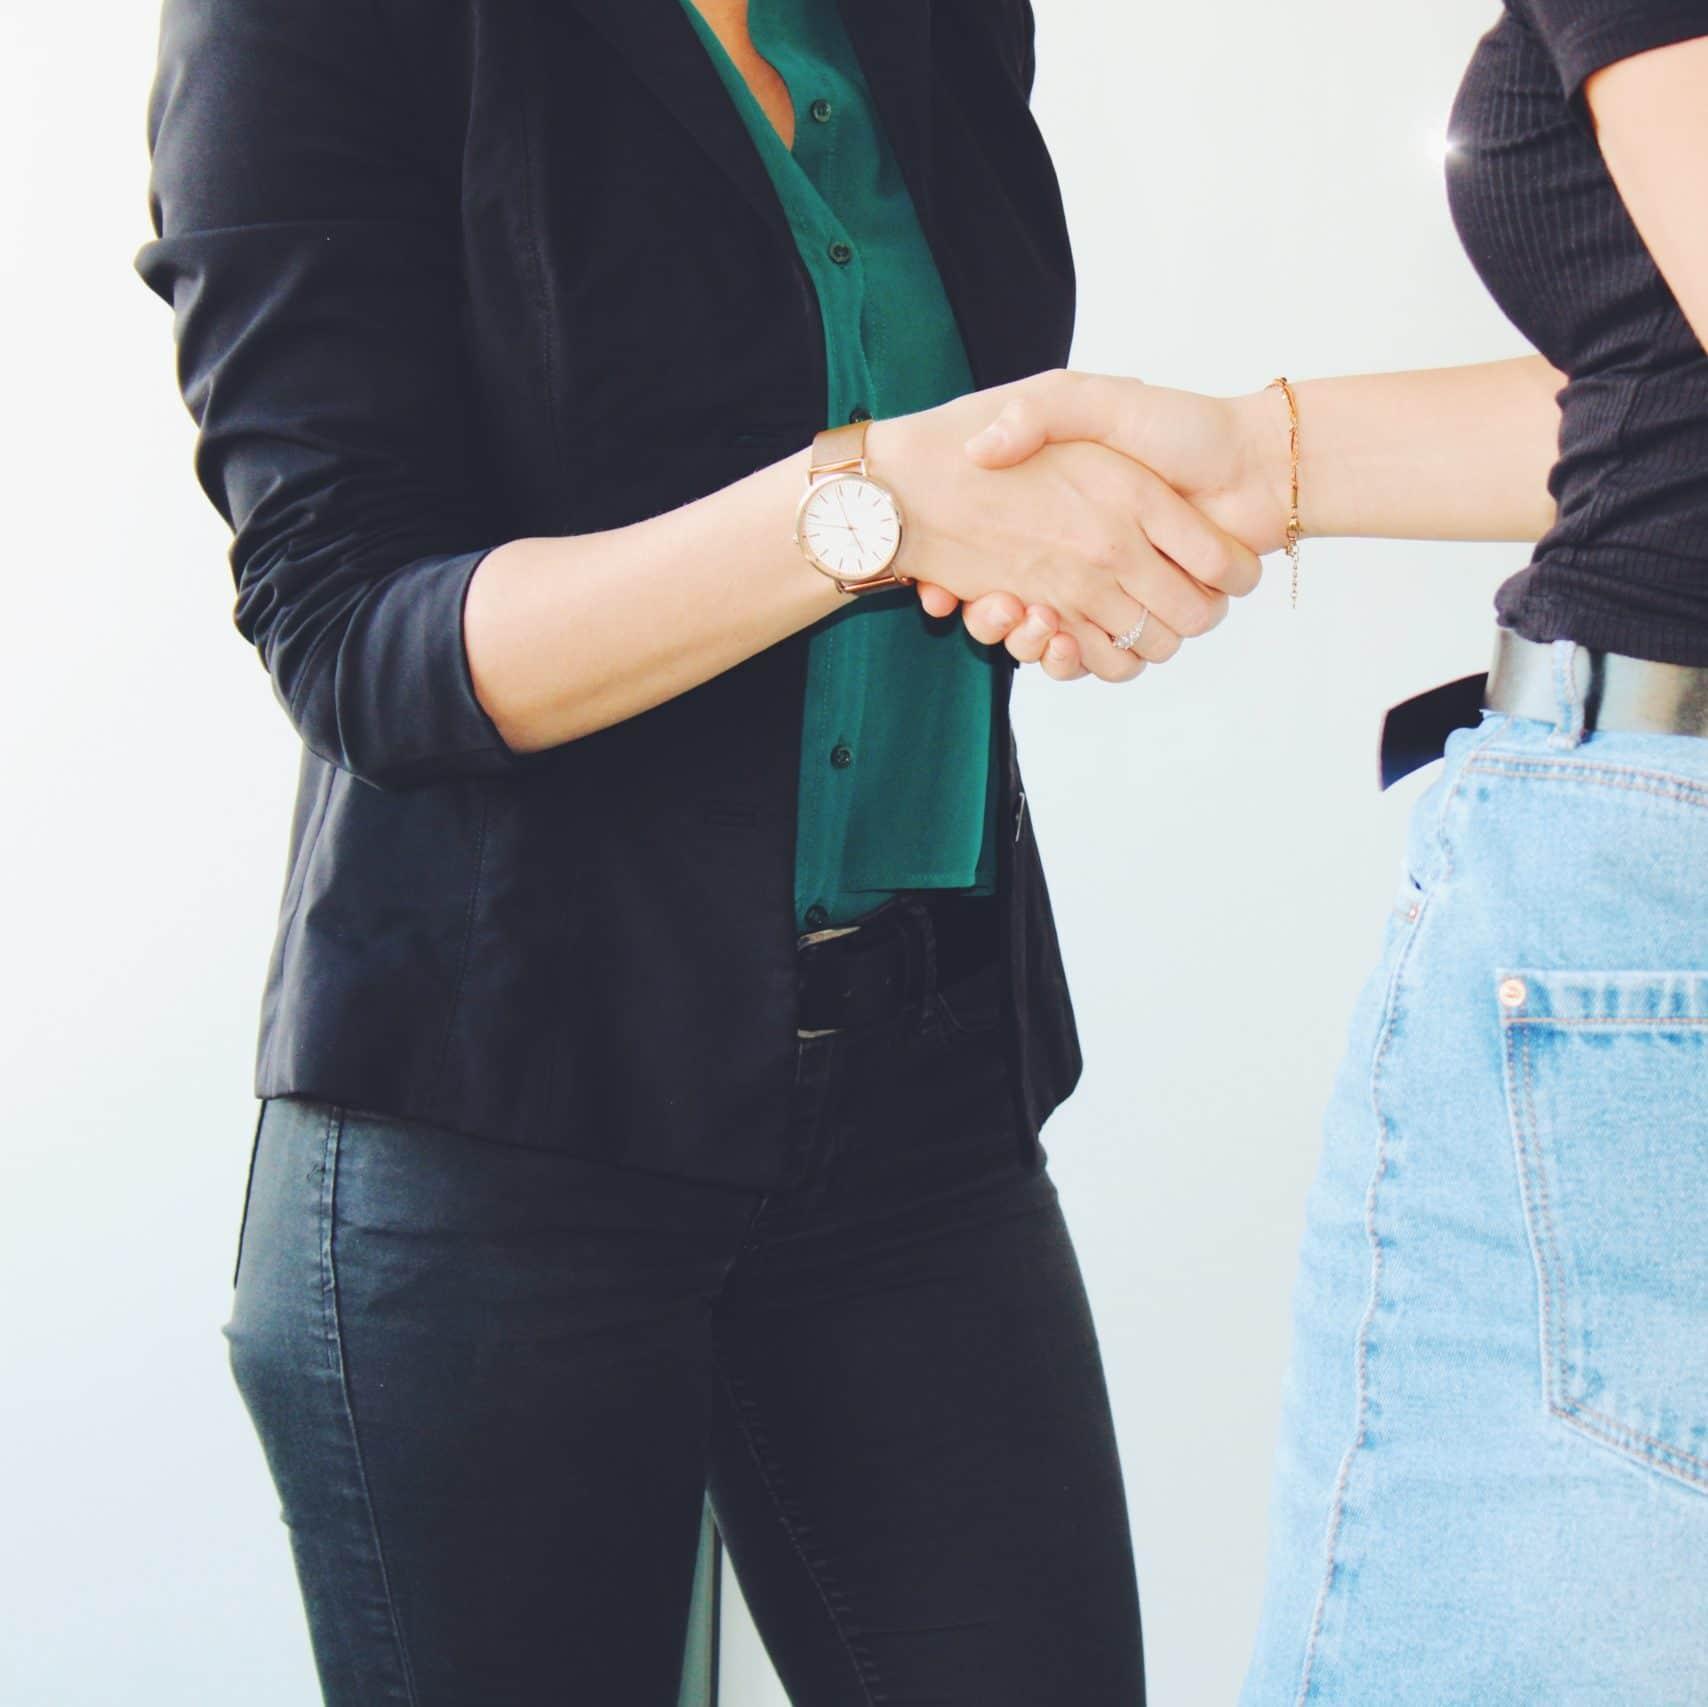 Recherches d'emplois - Lea Noel - Préparation Mentale Coaching